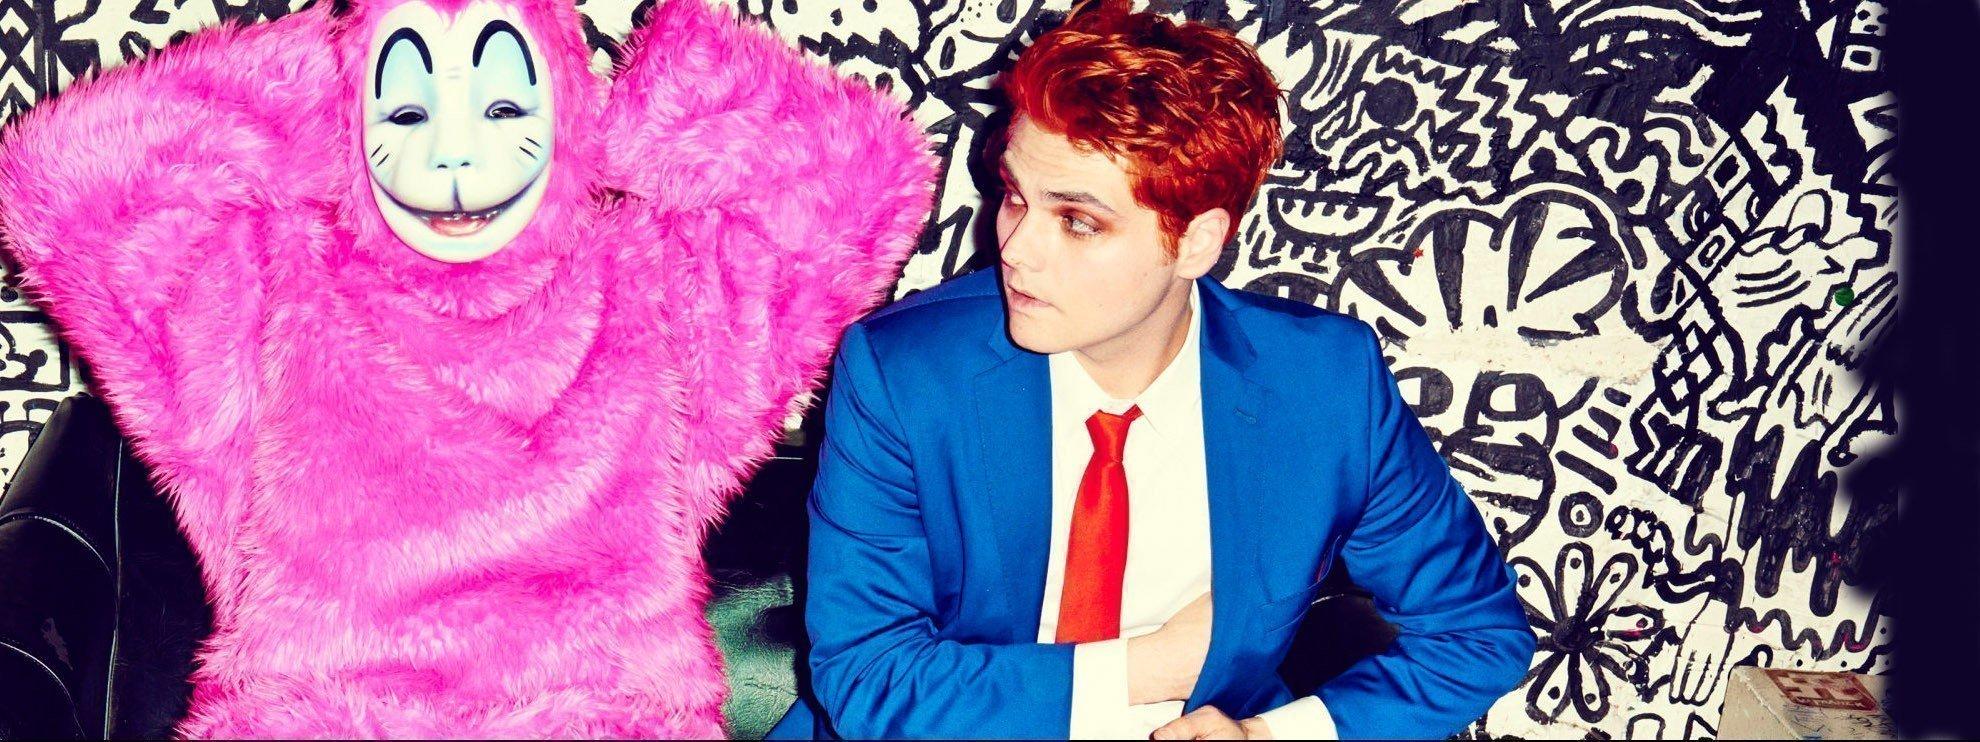 виконавець Gerard Way (Джерард Уей)